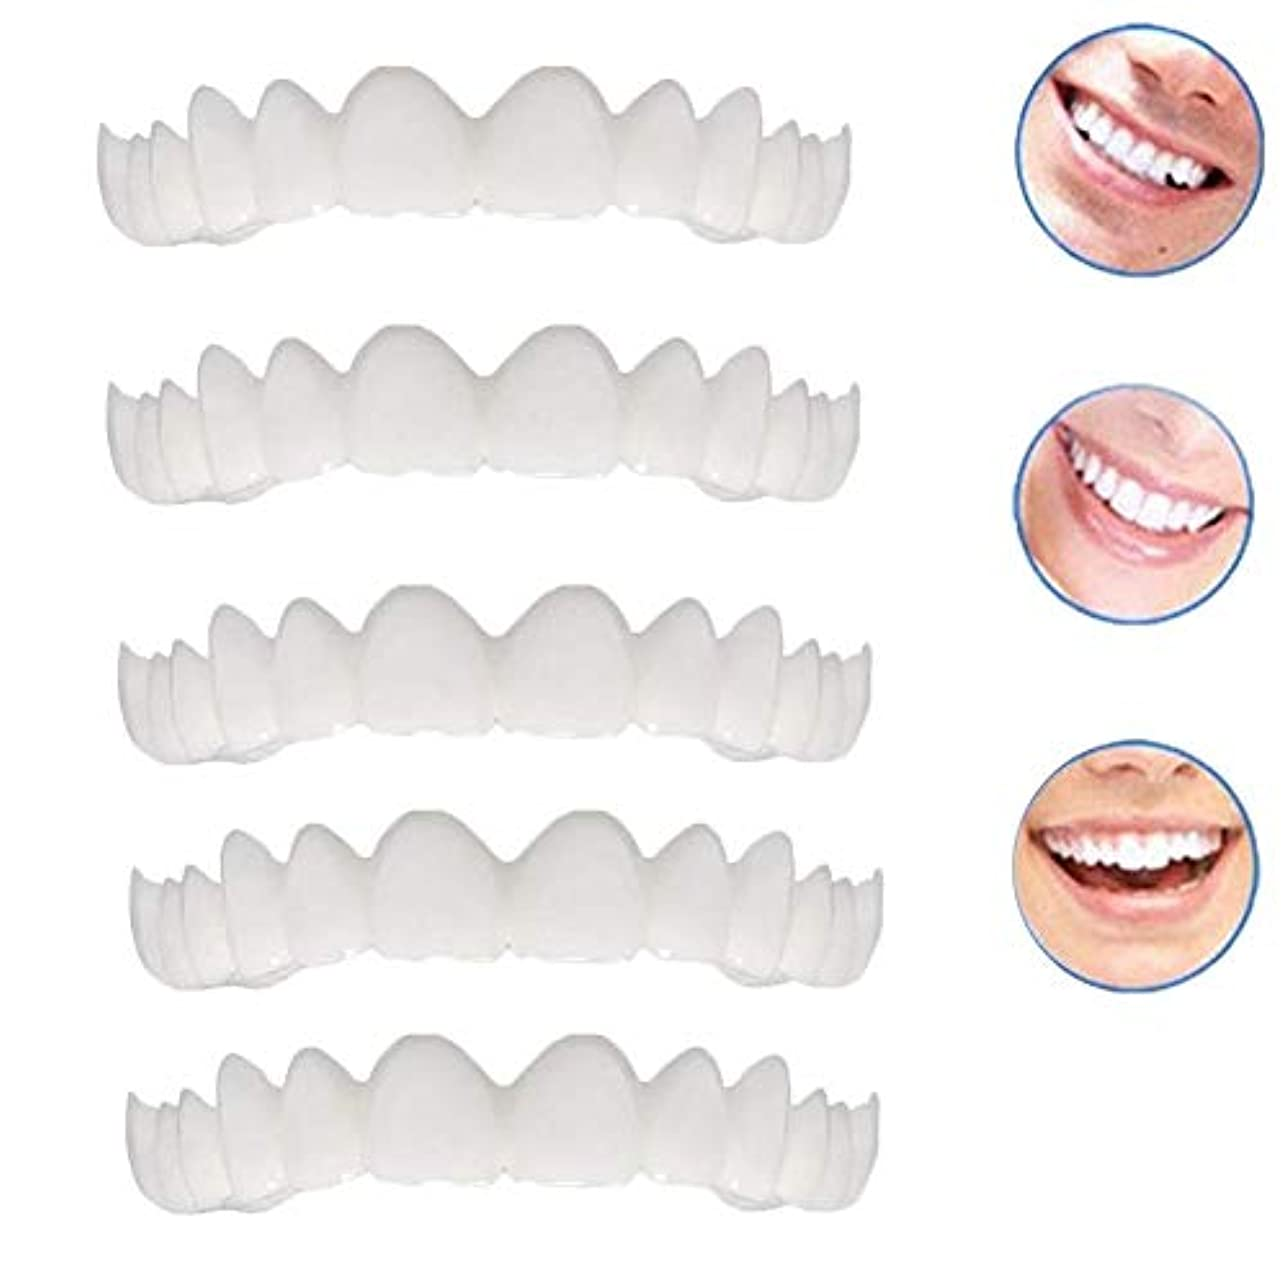 バナナ毎週城2本の偽のベニヤ修正歯のトップホワイトニング化粧品義歯修正のための悪い歯のための新しいプロの笑顔のベニヤ